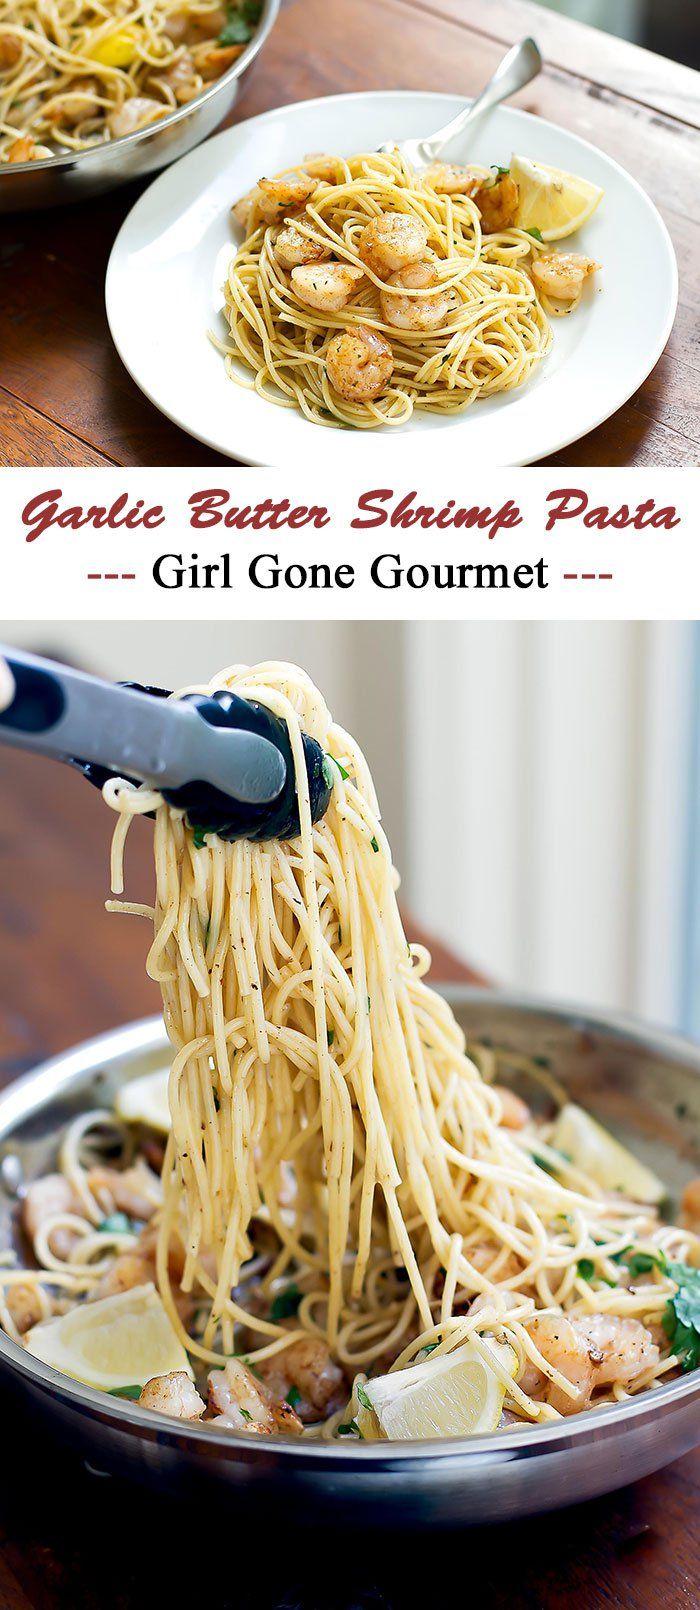 Garlic Butter Shrimp Pasta   Girl Gone Gourmet